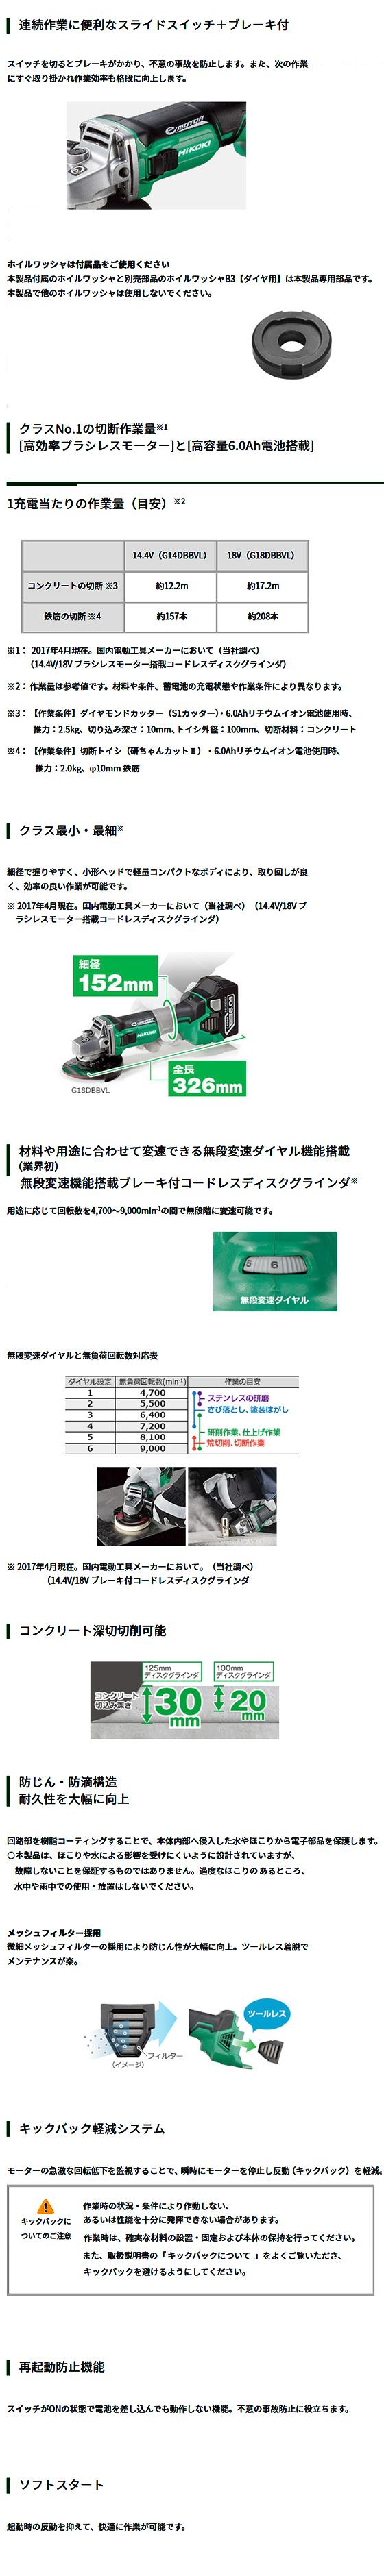 日立 18V-6.0Ah コードレスディスクグラインダ(ブレーキ付) G18DBBVL